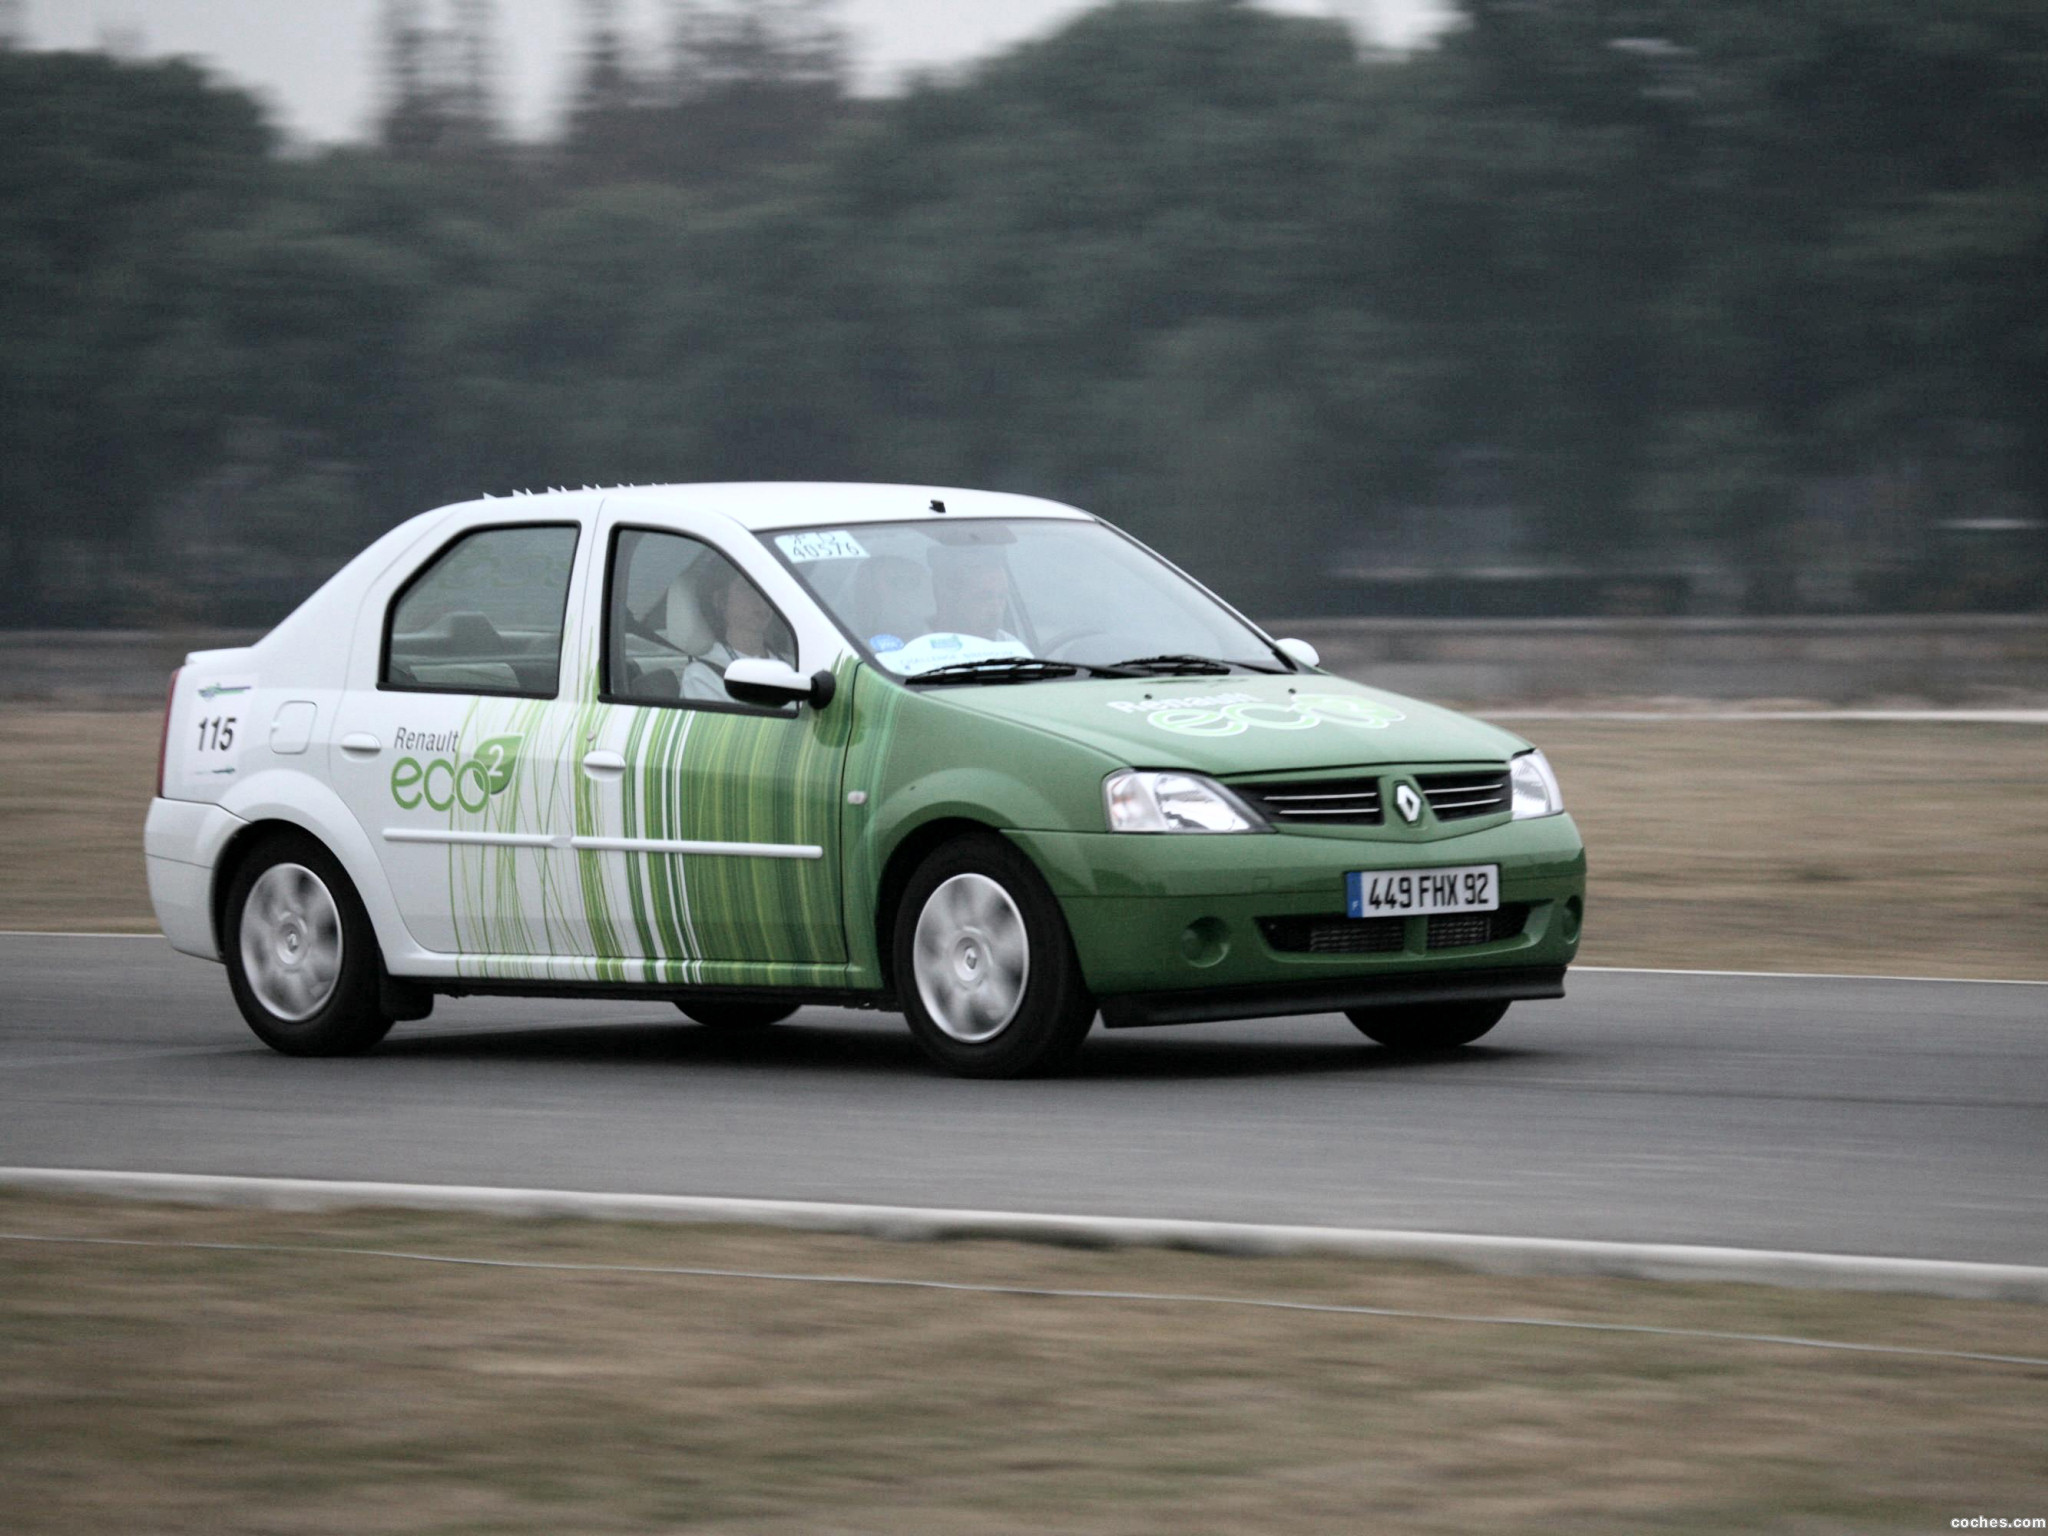 Foto 0 de Renault Logan Eco-2 Concept 2007